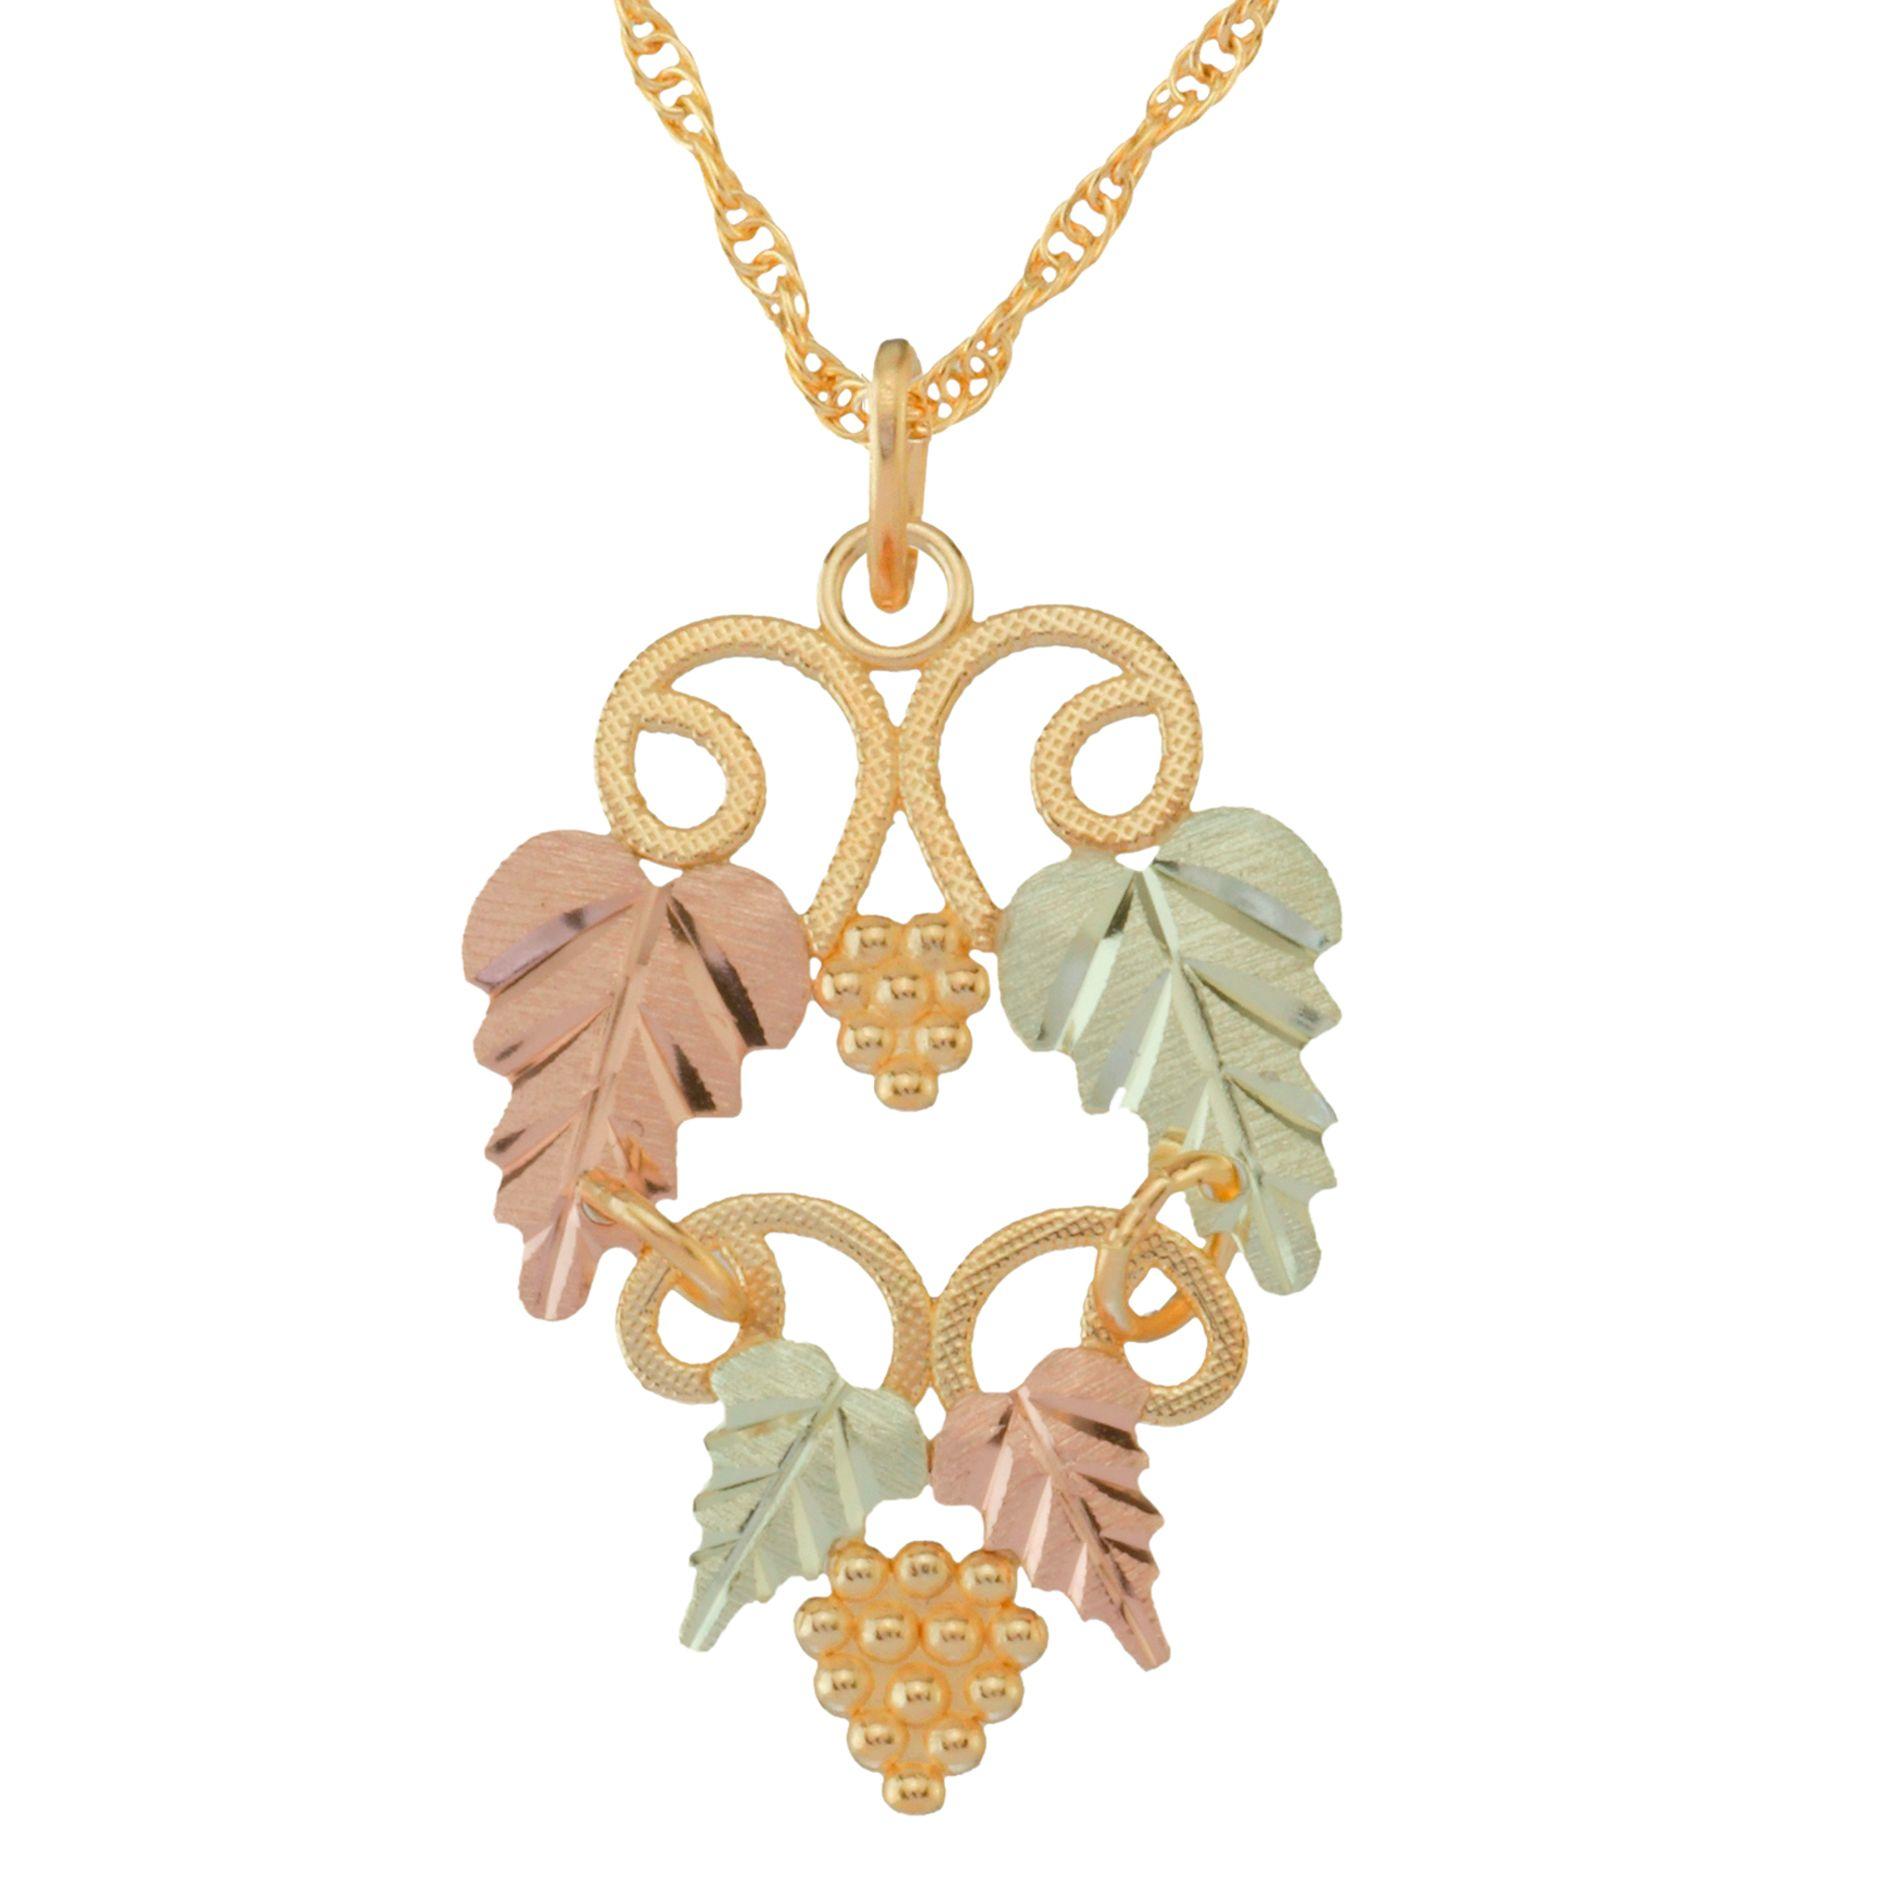 Tri-Color 10K Leaf and Vine Pendant